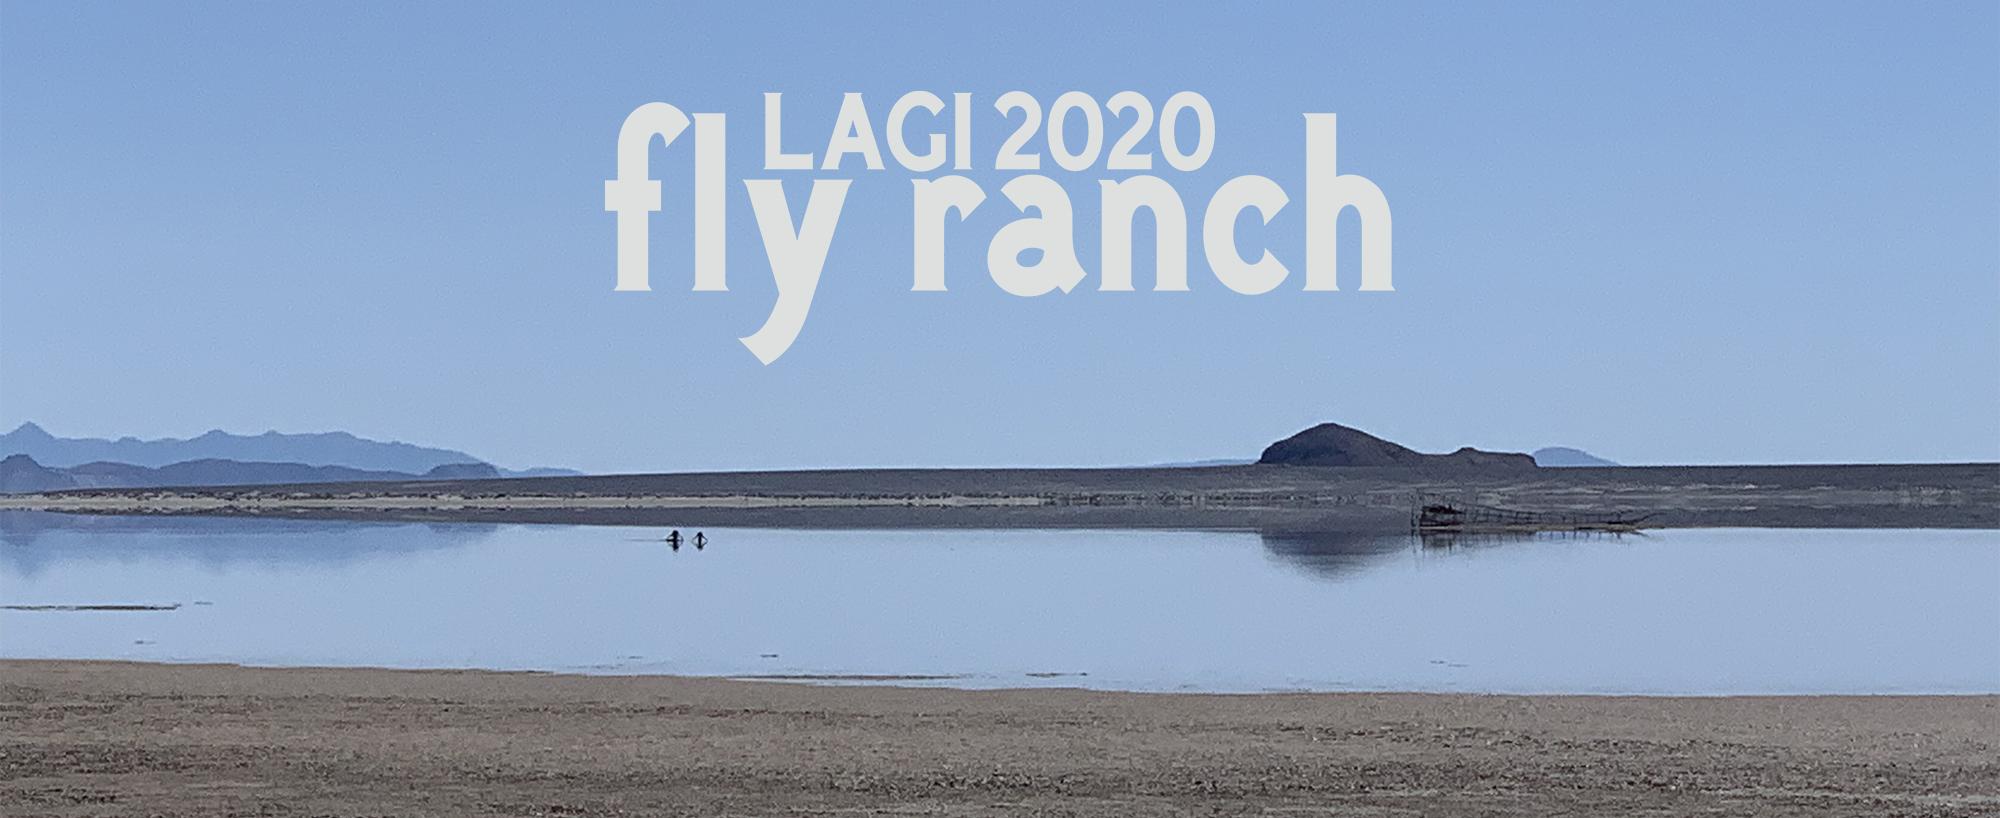 LAGI 2020 Fly Ranch